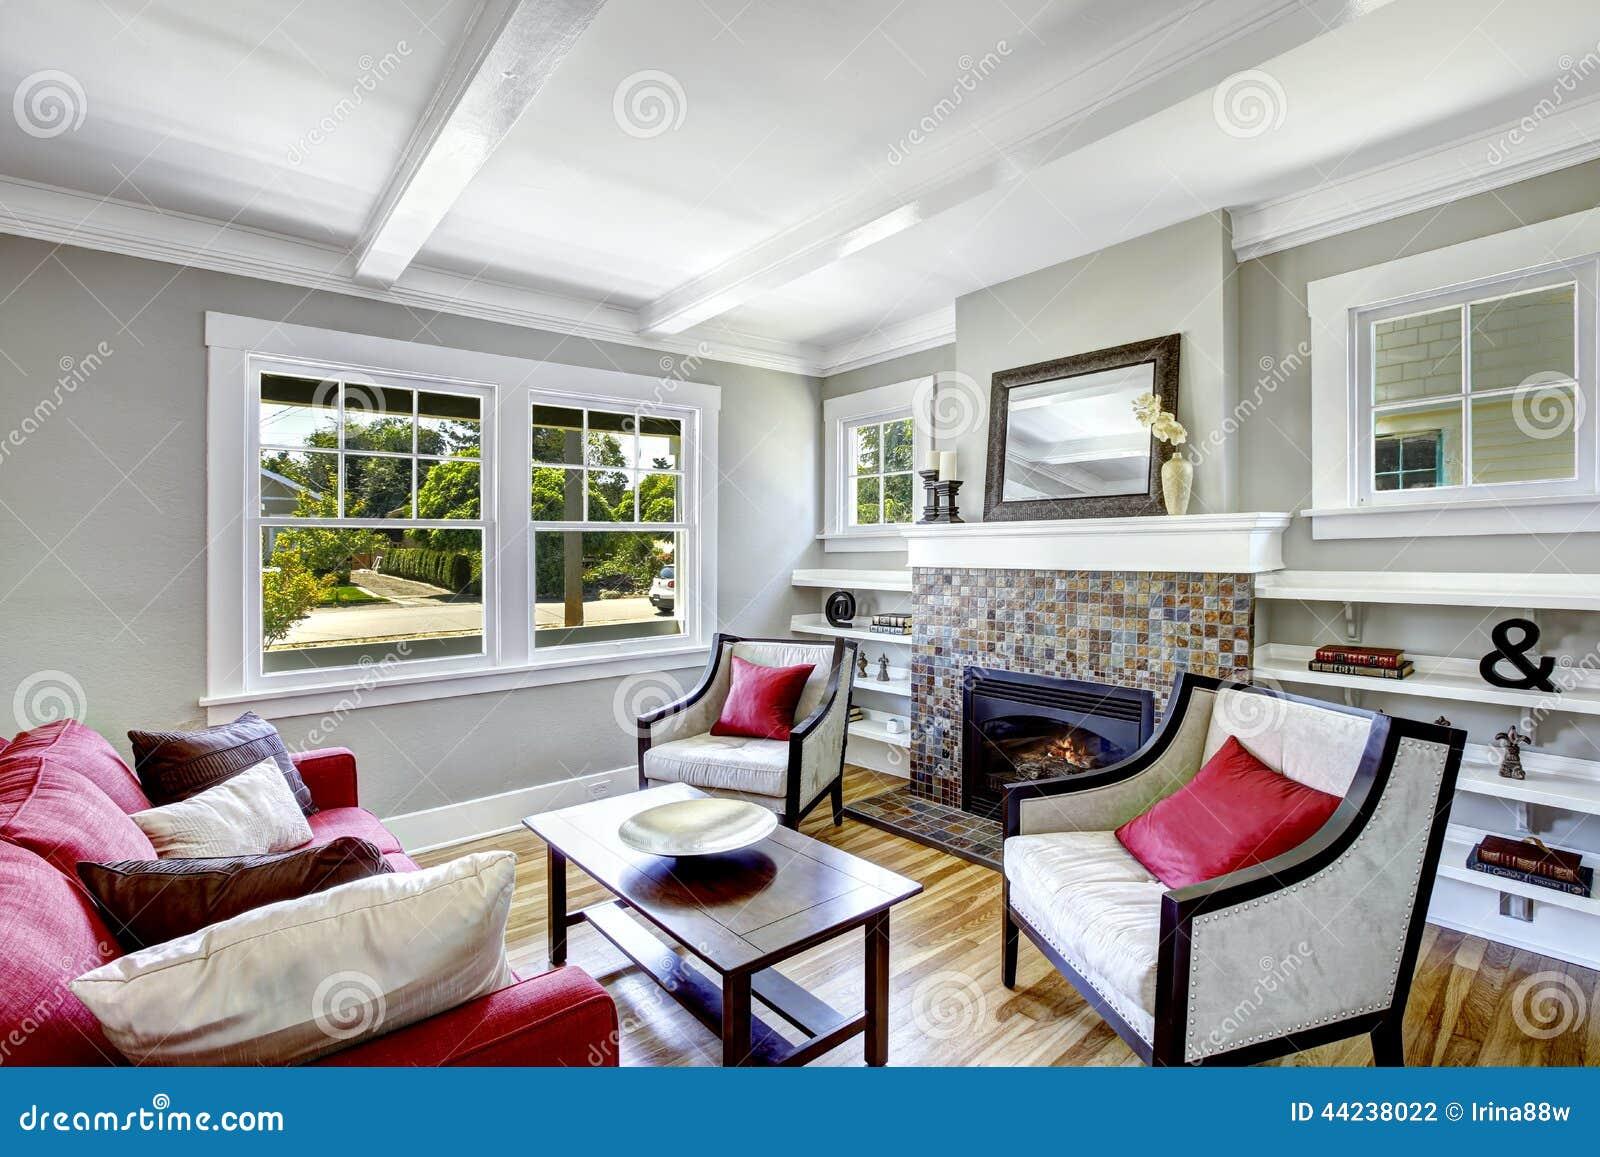 Gemütliches Kleines Wohnzimmer Mit Kamin Stockfoto - Bild von ...